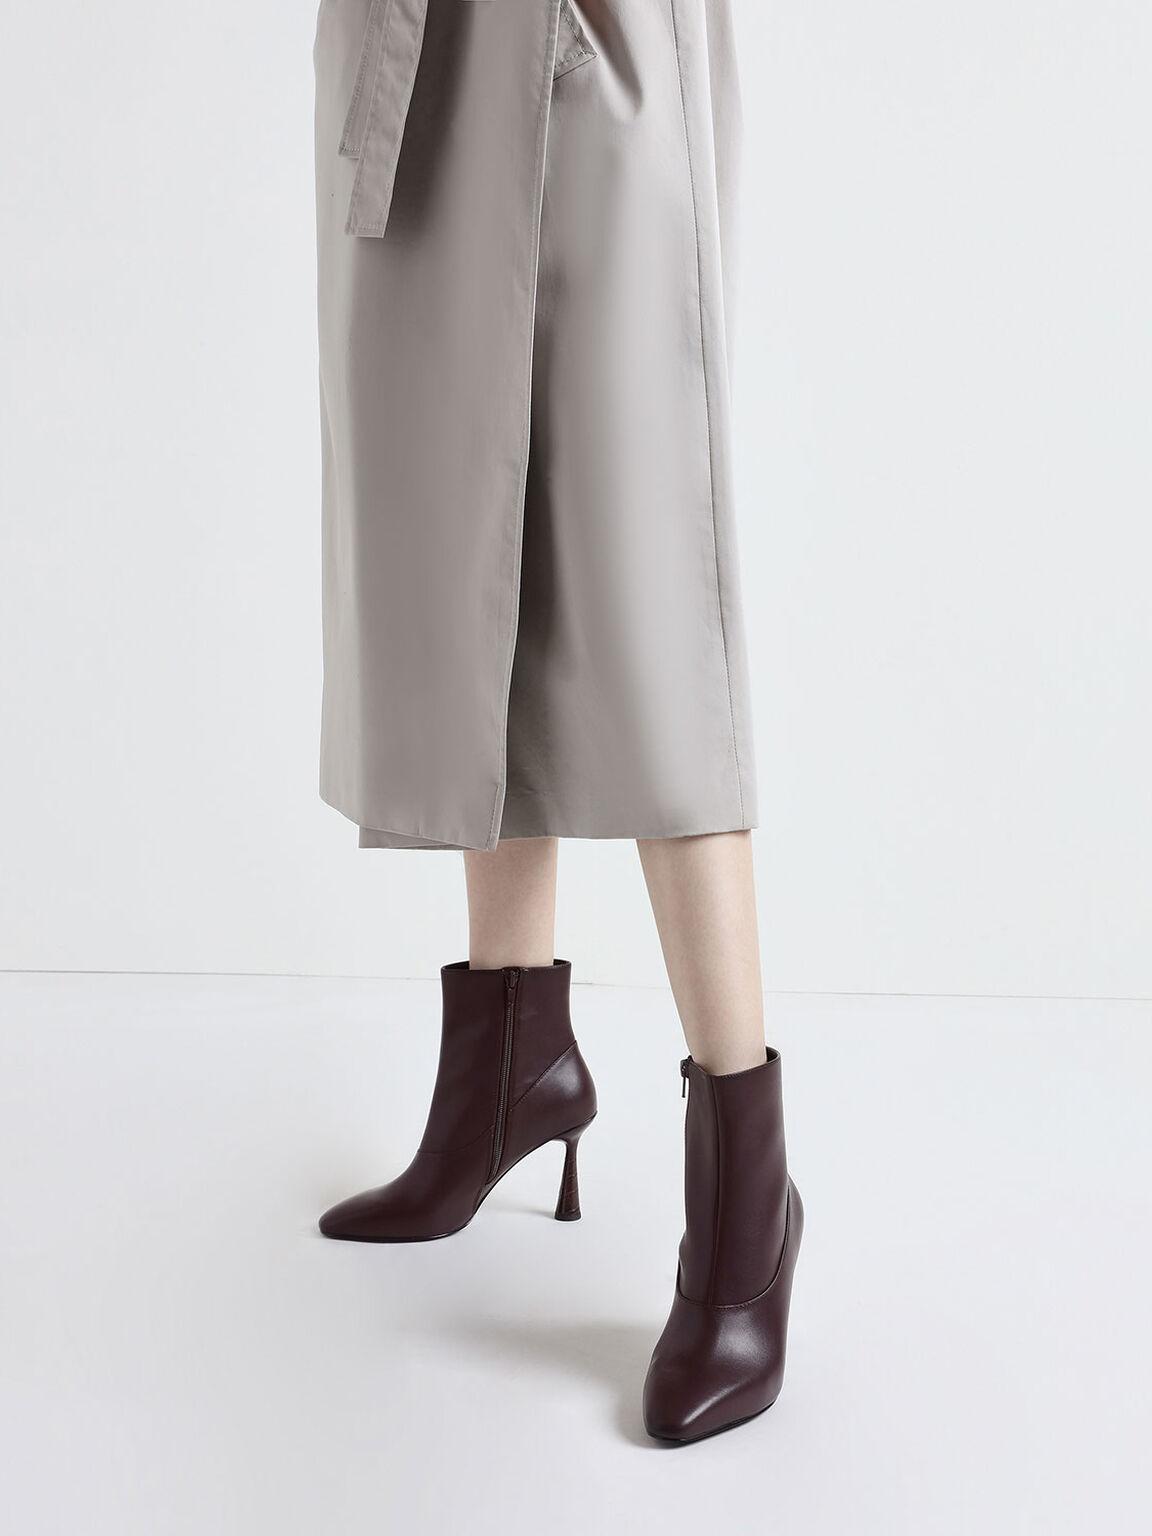 Croc-Effect Sculptural Heel Ankle Boots, Burgundy, hi-res